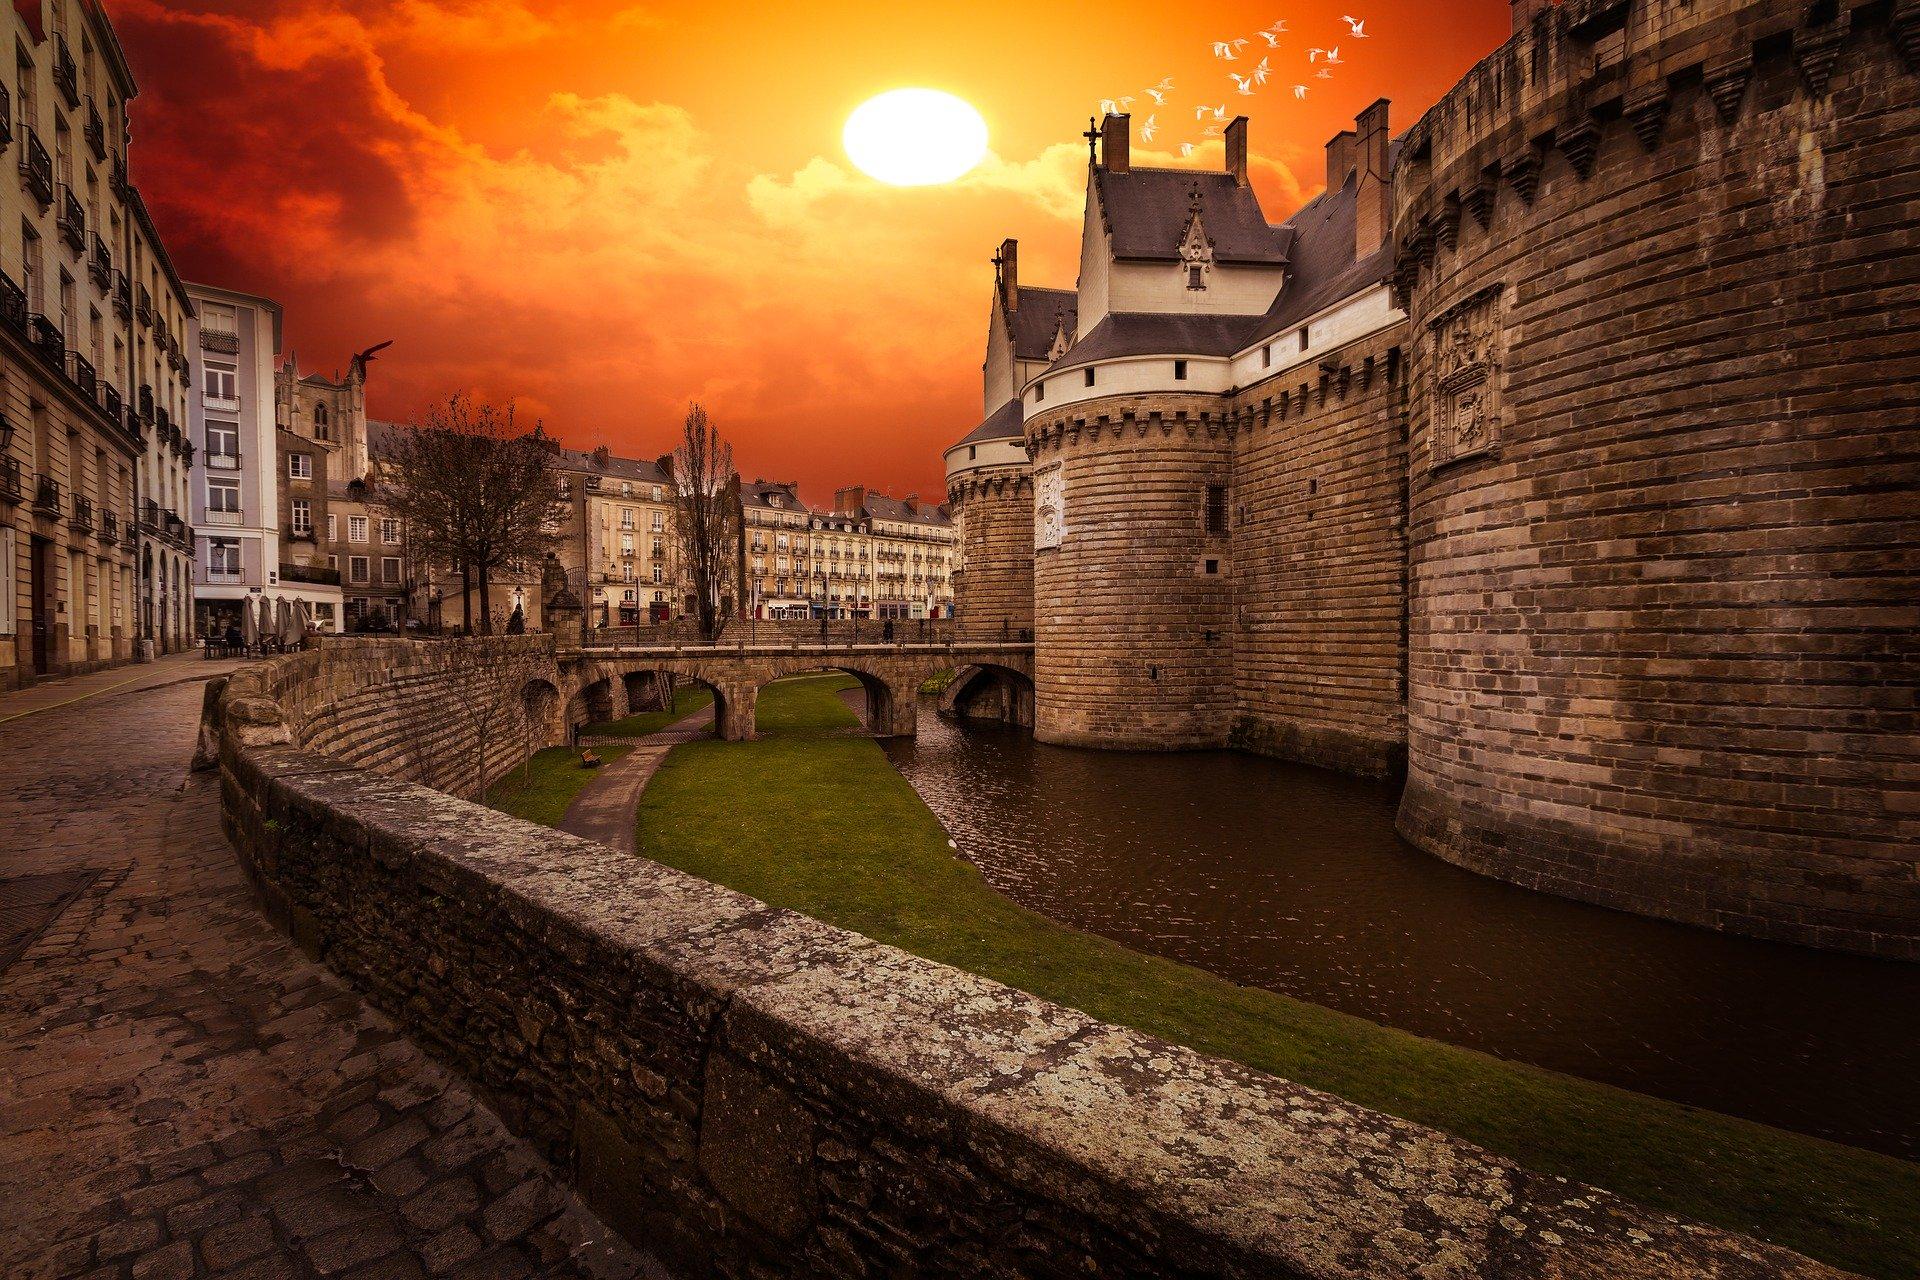 marché immobilier nantes. Extrémité gauche du château avec des immeubles et un couché de soleil orange